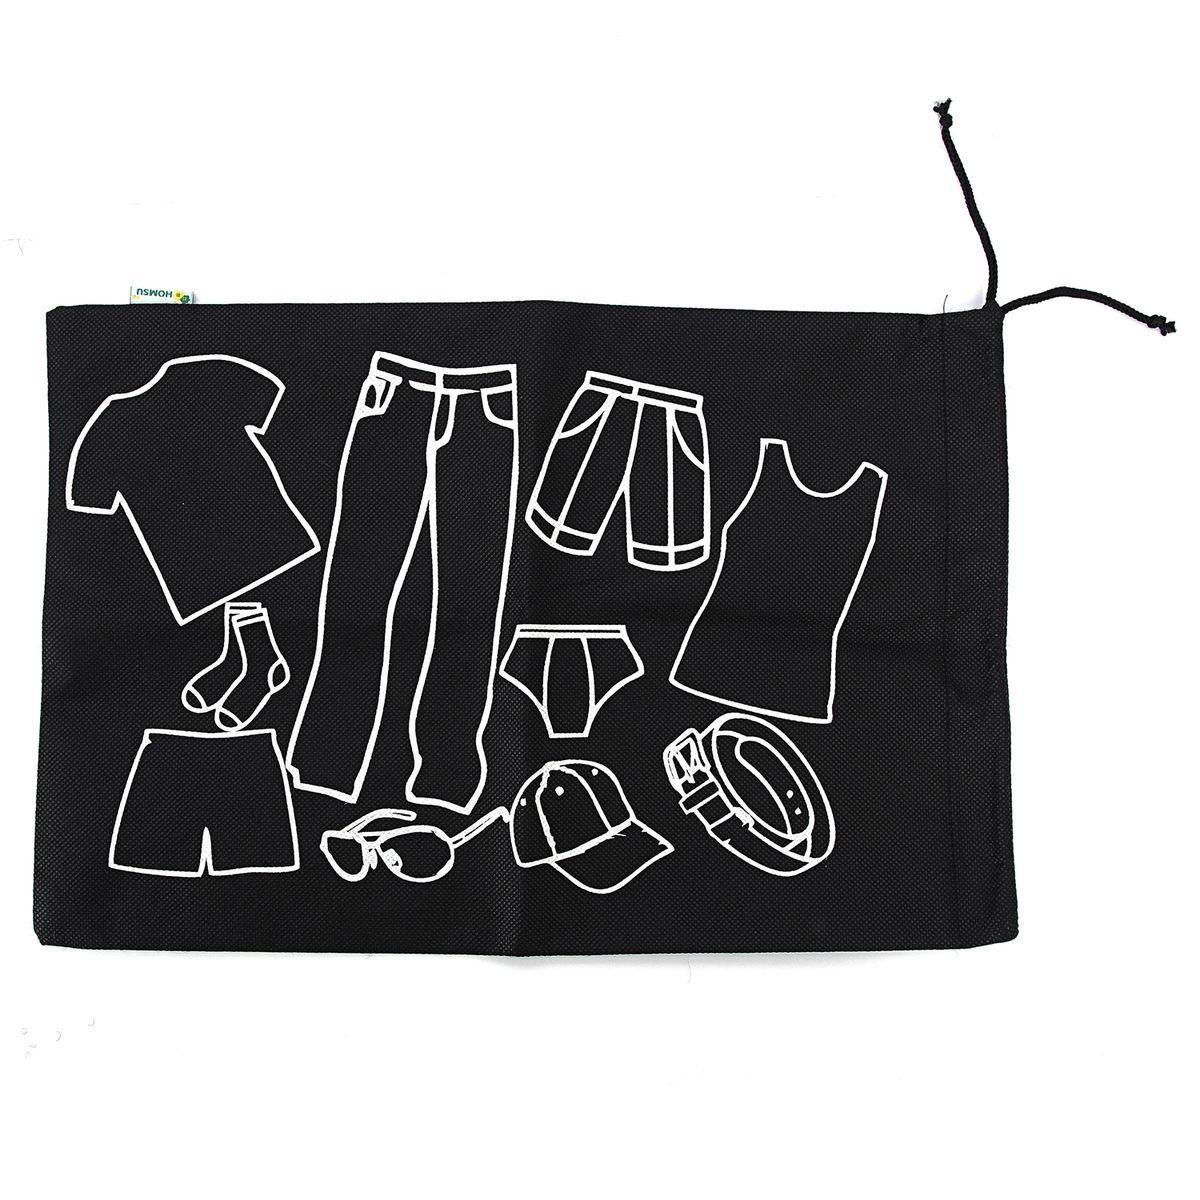 Органайзер для вещей Homsu Men in Black, 45 х 30 смHOM-654Удобный органайзер для хранения и перевозки вещей. Изготовлен из высококачественного материала, поможет полноценно сберечь вашу одежду, как в домашнем хранении, так и во время транспортировки. Размер изделия:45x30см.